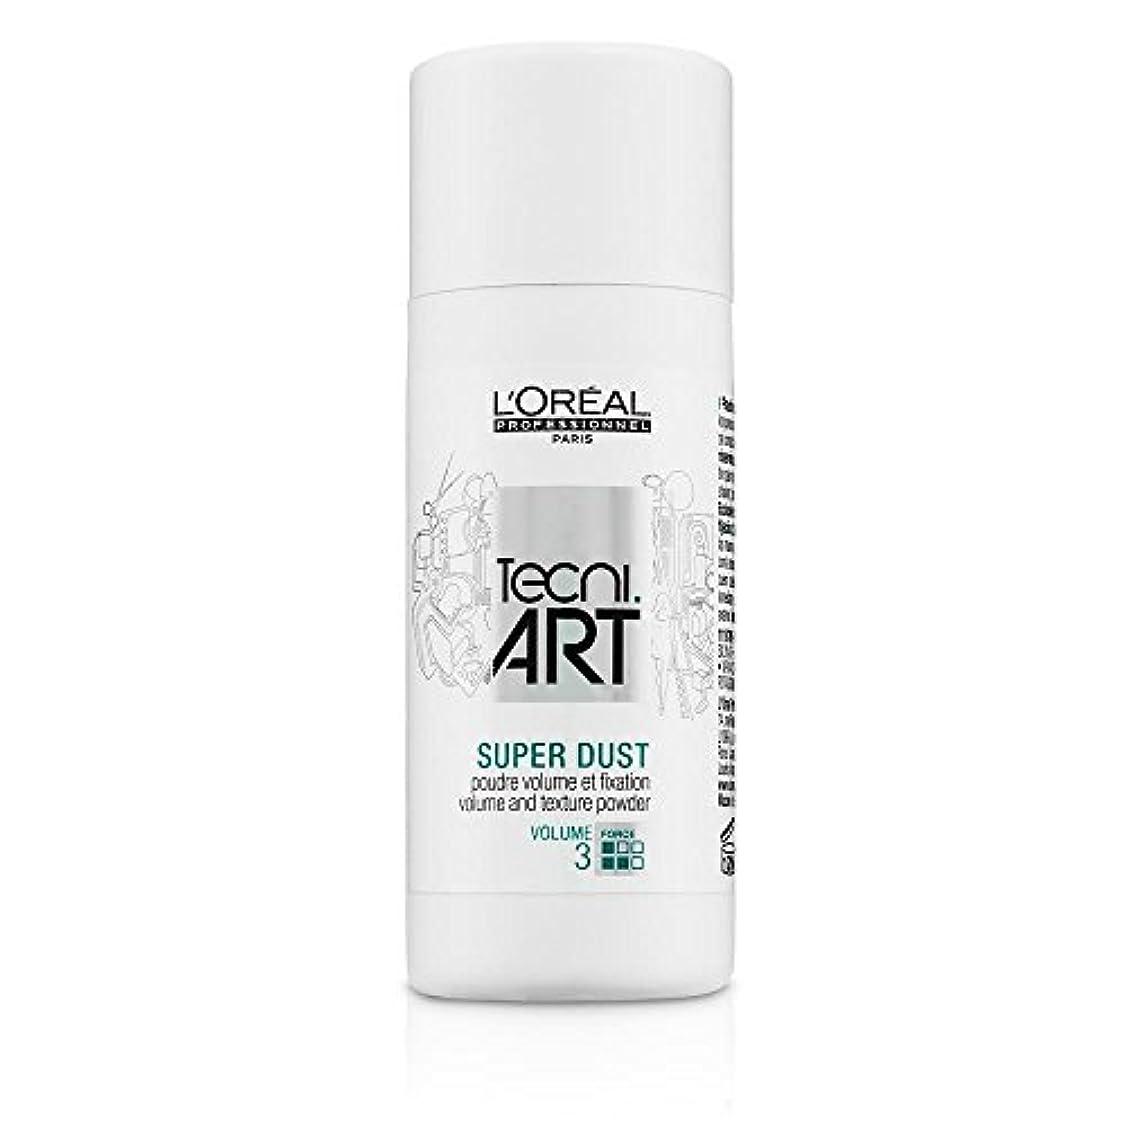 終わらせるノーブル新しい意味L'Oreal Tecni Art Super Dust - Volume And Texture Powder 7g [並行輸入品]